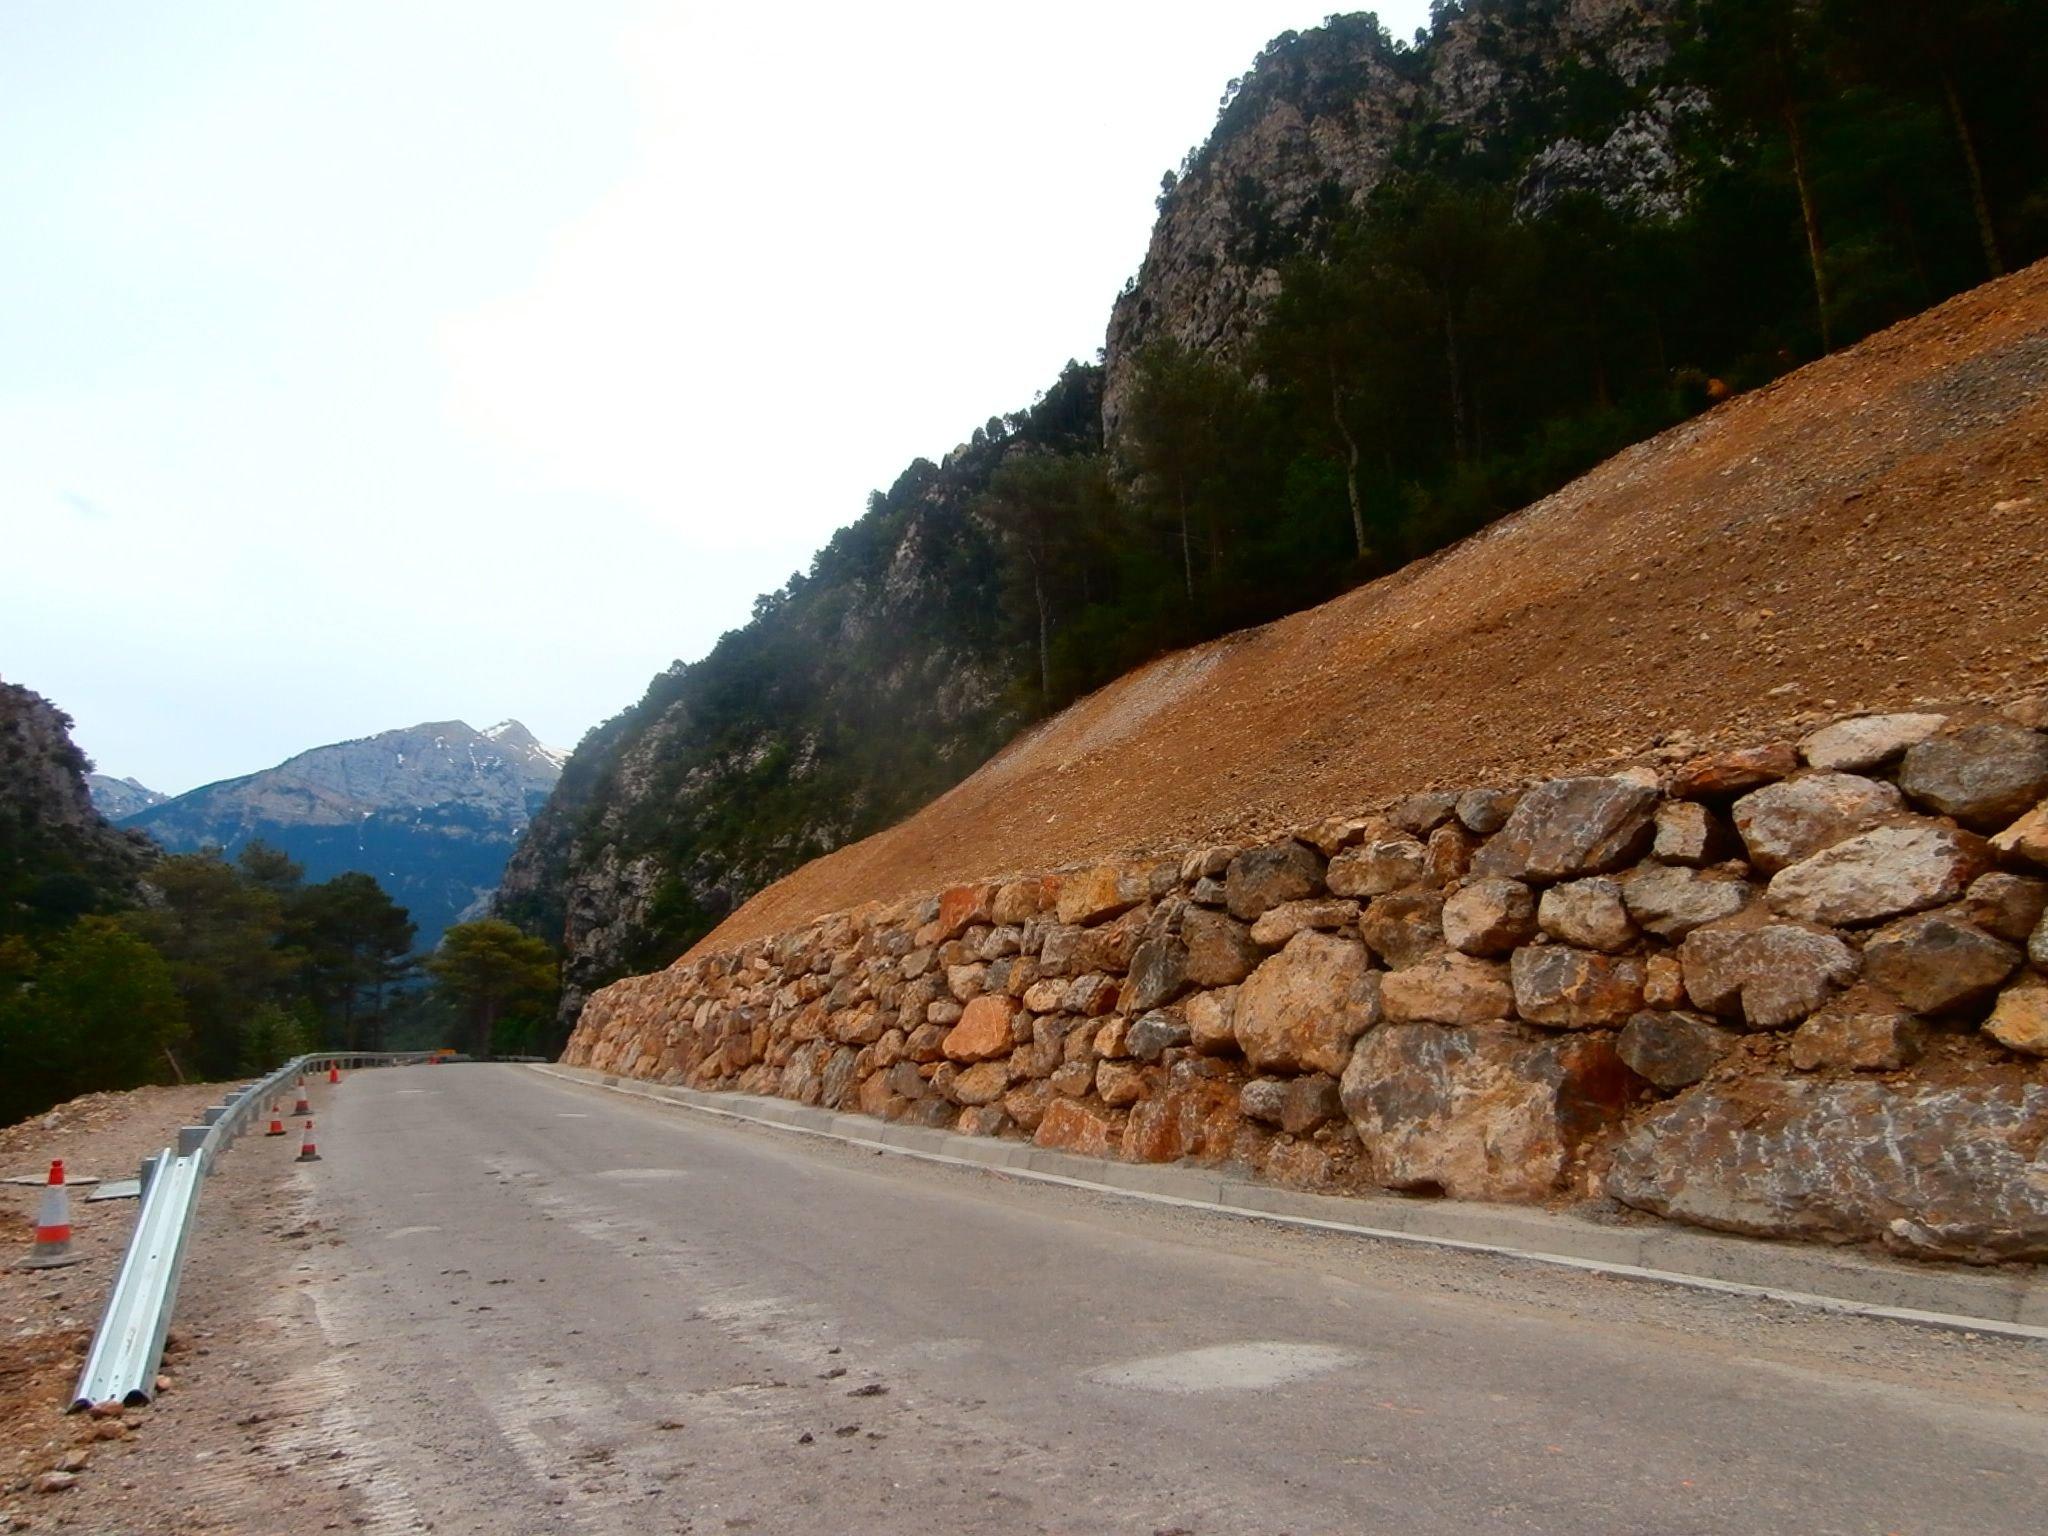 Considerable mejora en la carretera A-2609, entre Salinas y Plan